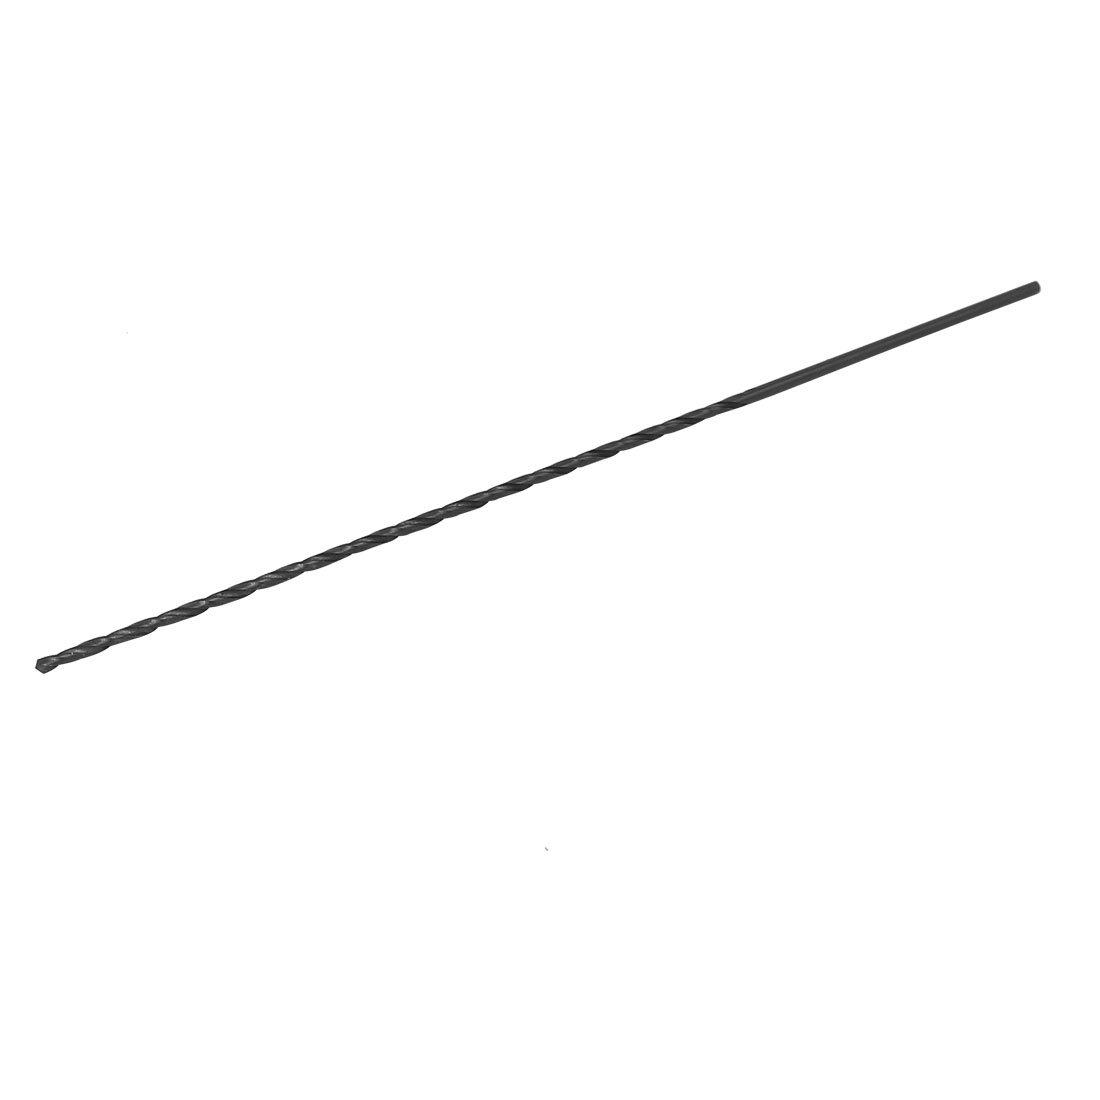 uxcell 2.5mmx160mm HSS Double Flutes Straight Shank Twist Drill Bit Drilling Tool Black